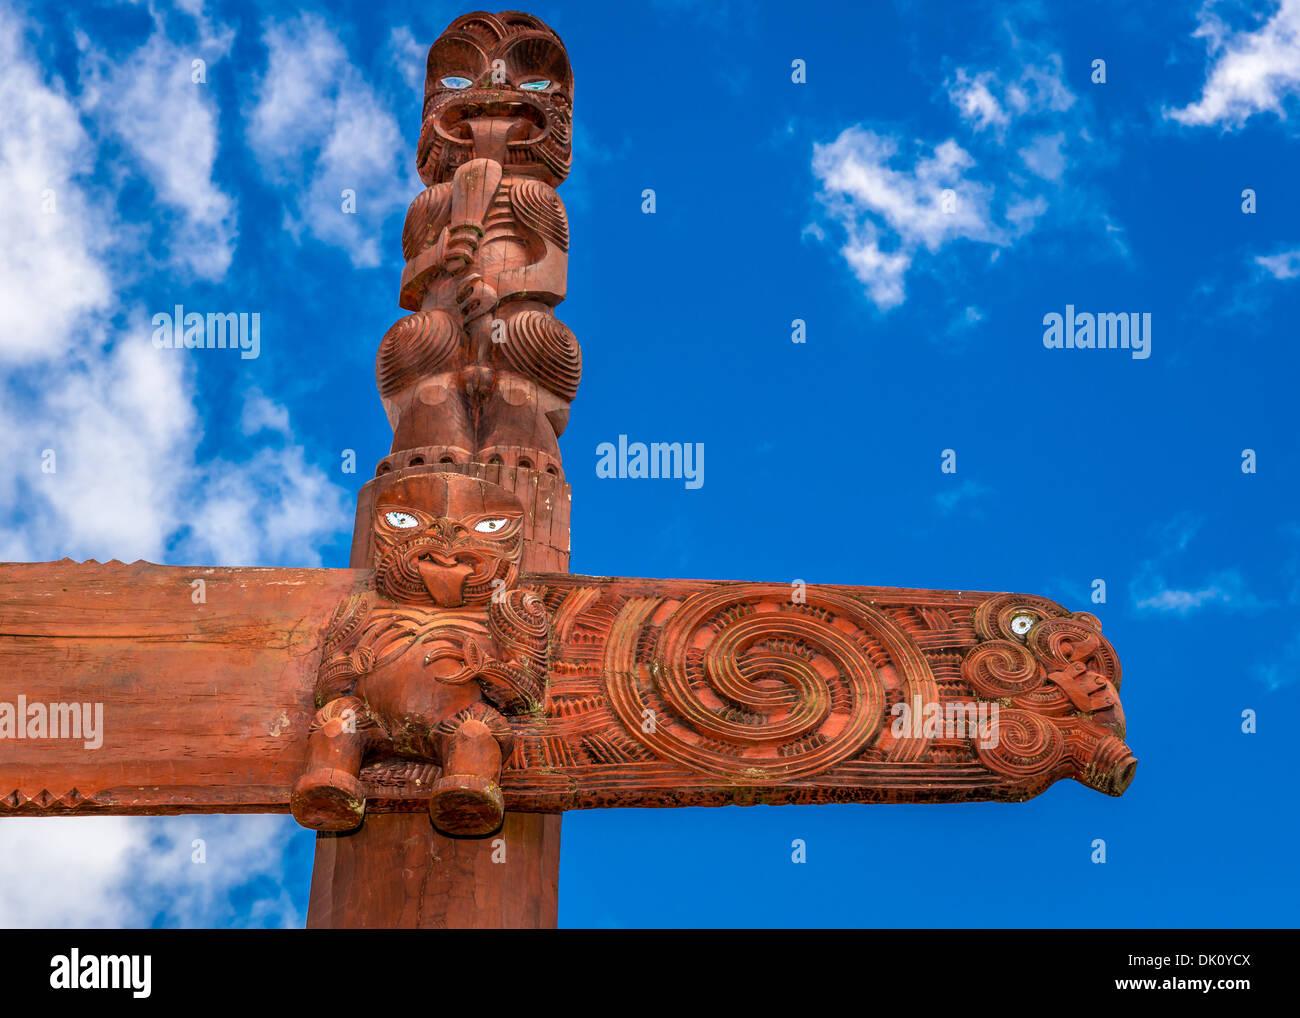 Maori carvings, Hamilton Gardens, Hamilton, Waikato region, New Zealand - Stock Image